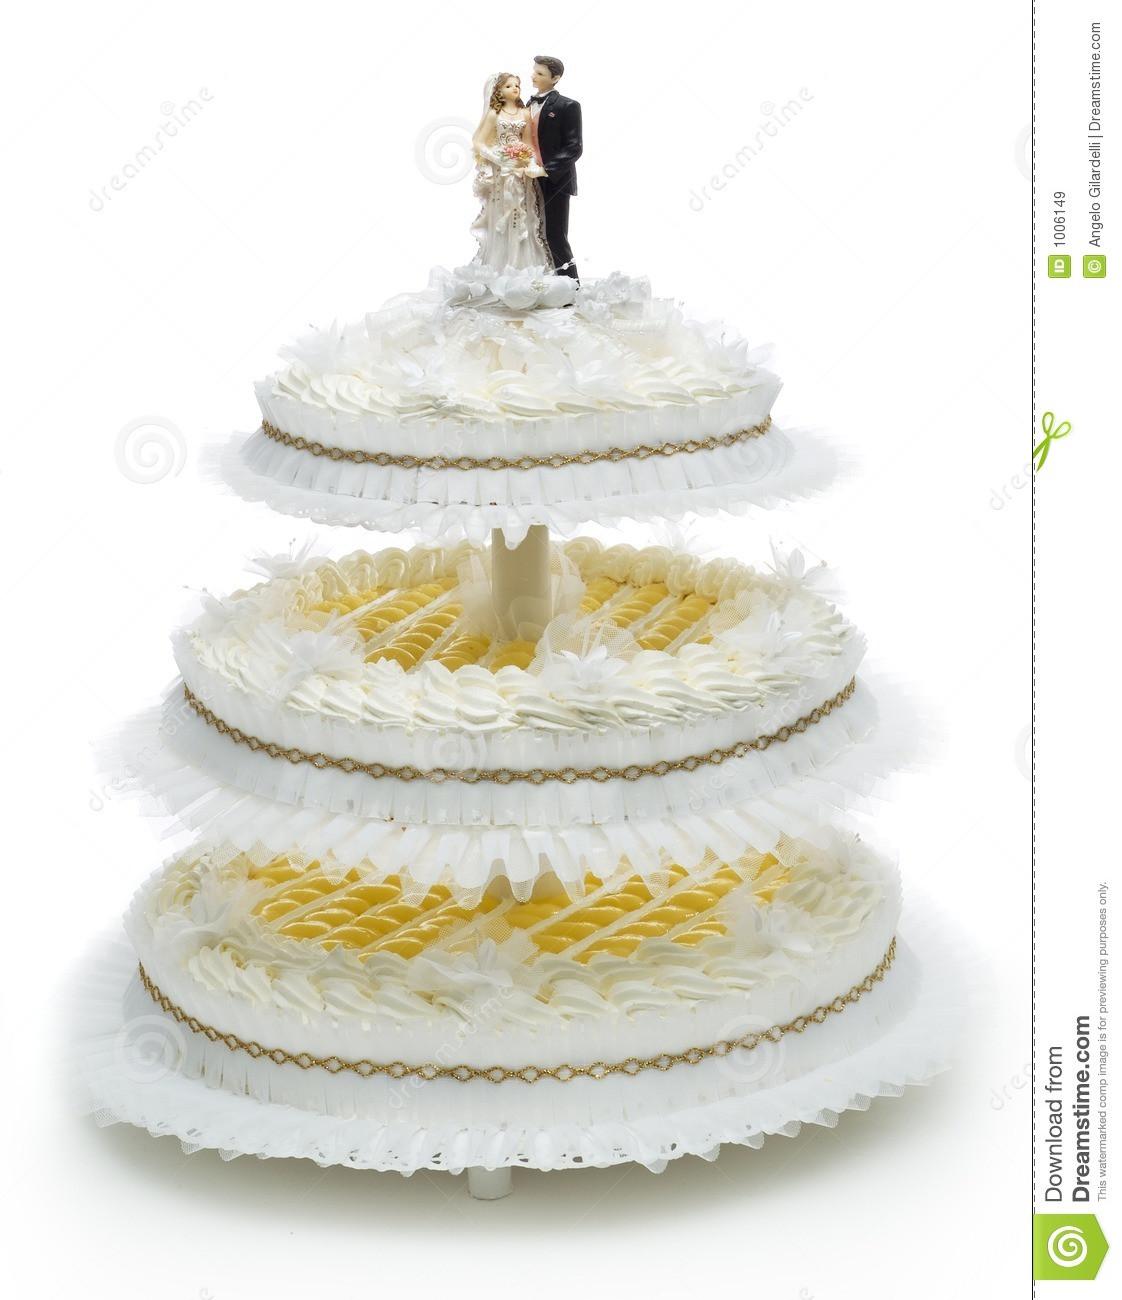 Royalty Wedding Cakes  Wedding Cake Royalty Free Stock Image